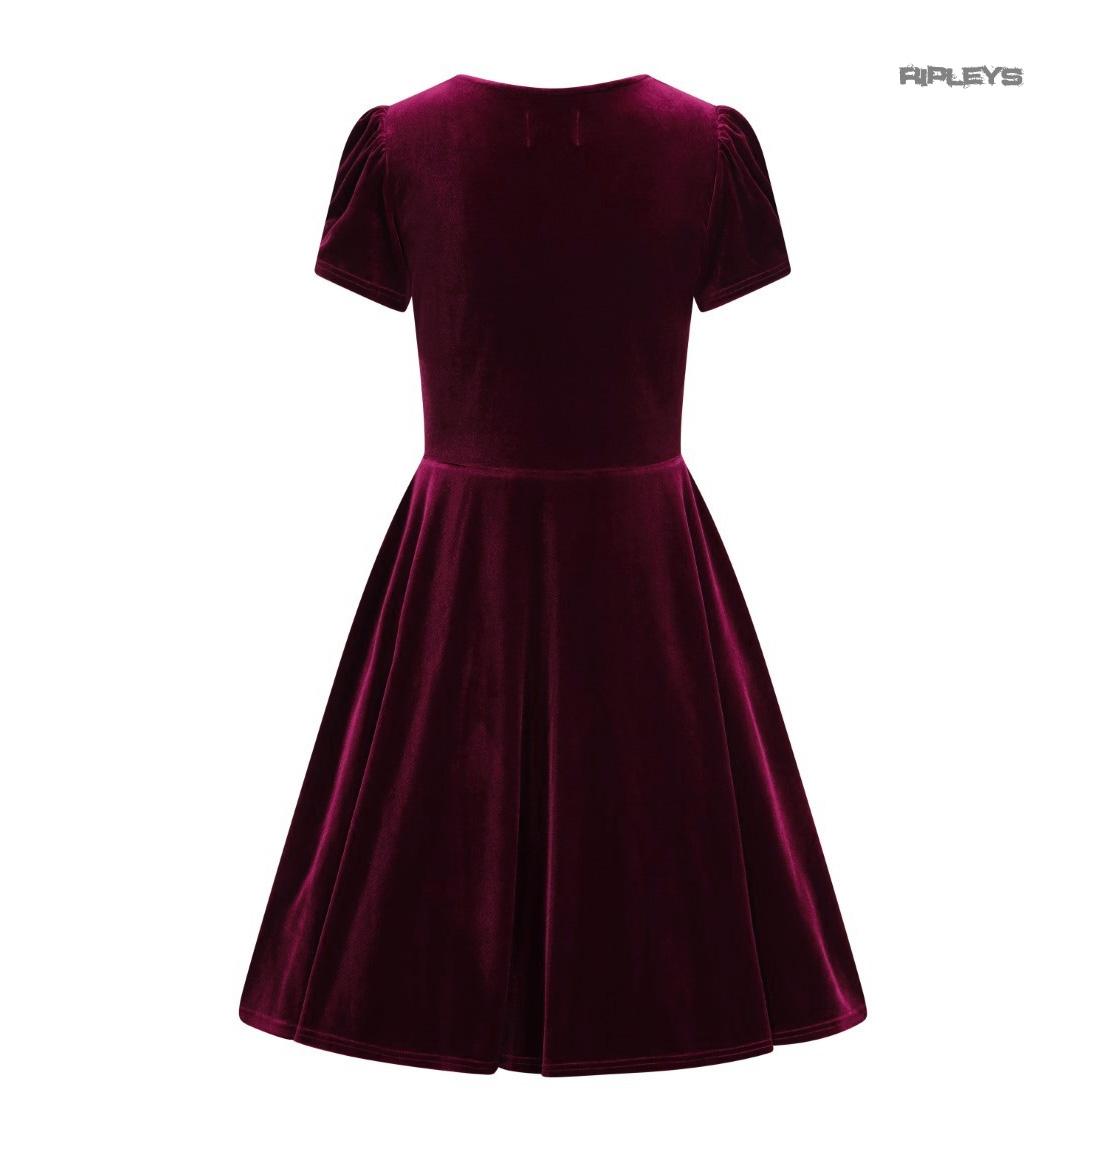 Hell-Bunny-40s-50s-Elegant-Pin-Up-Dress-JOANNE-Crushed-Velvet-Burgundy-All-Sizes thumbnail 6